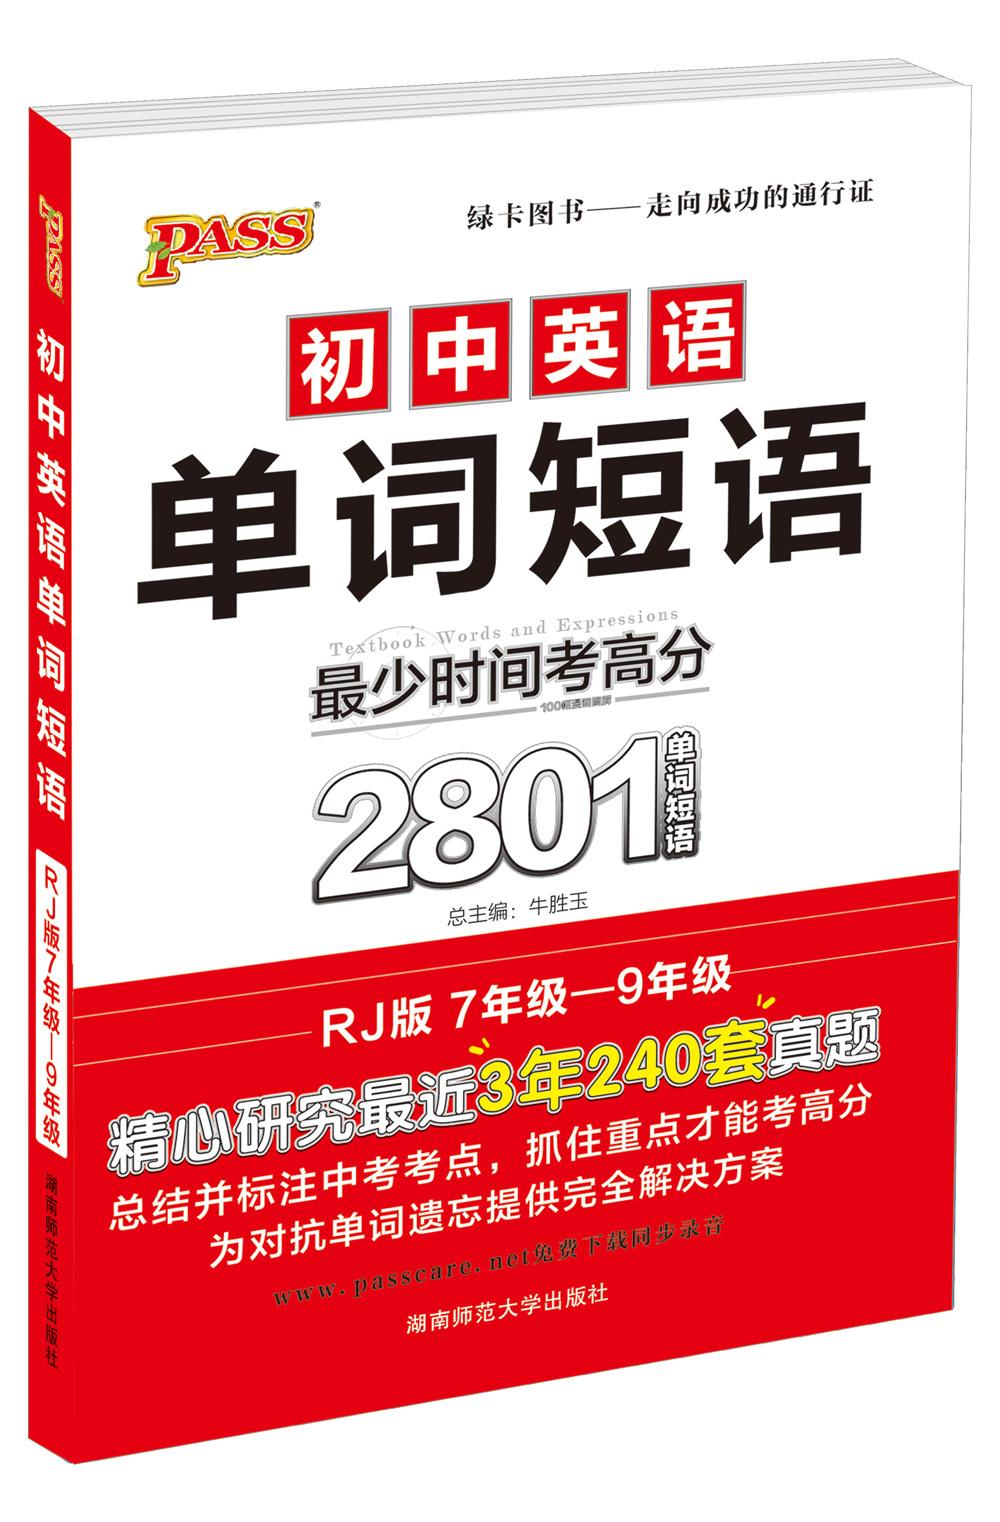 2017速记手册  初中英语单词短语